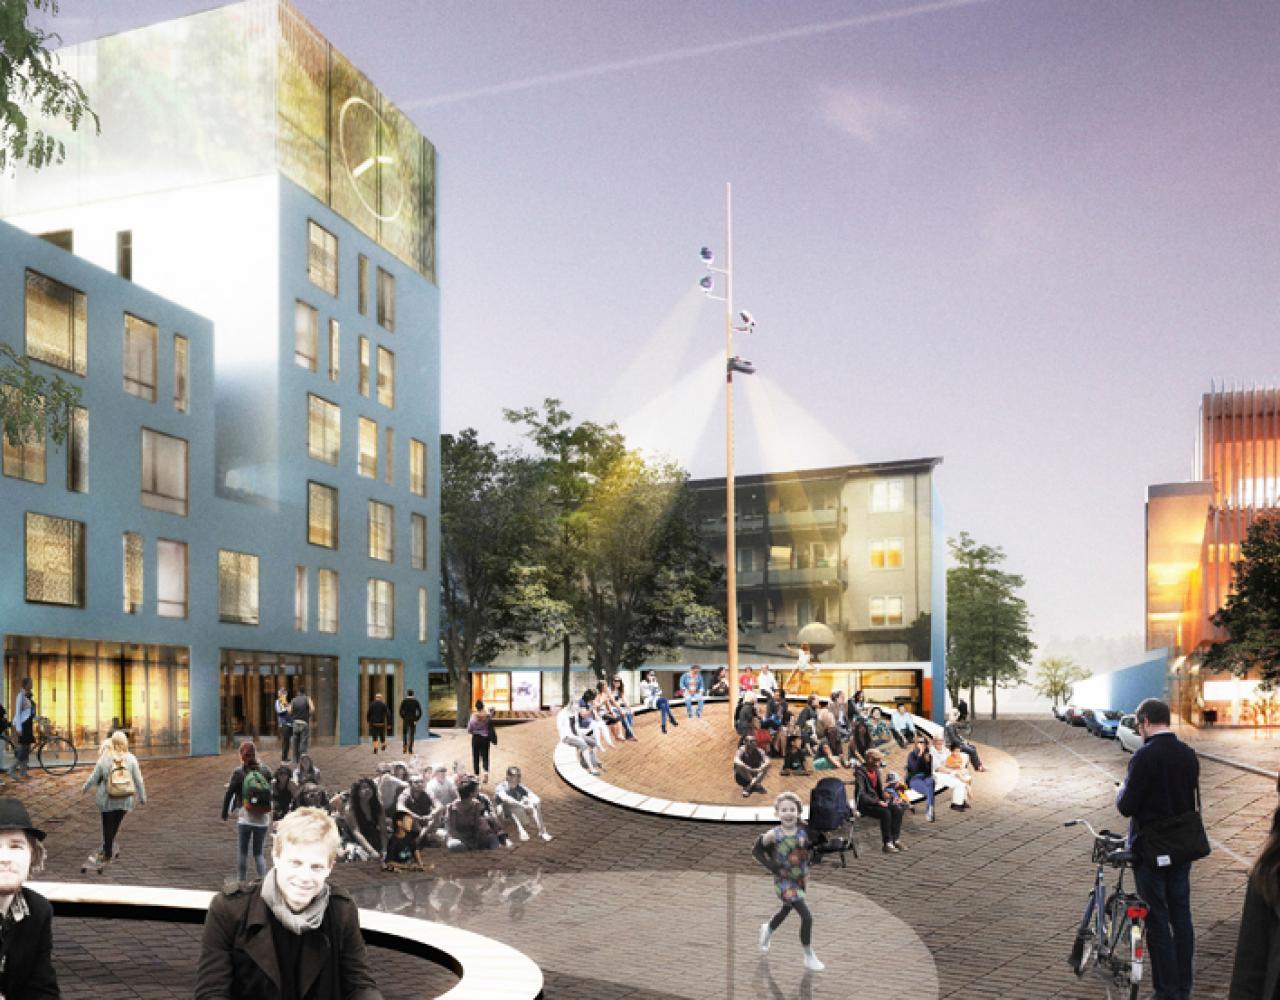 urbanplanen urmagerpladsen plh arkitekter